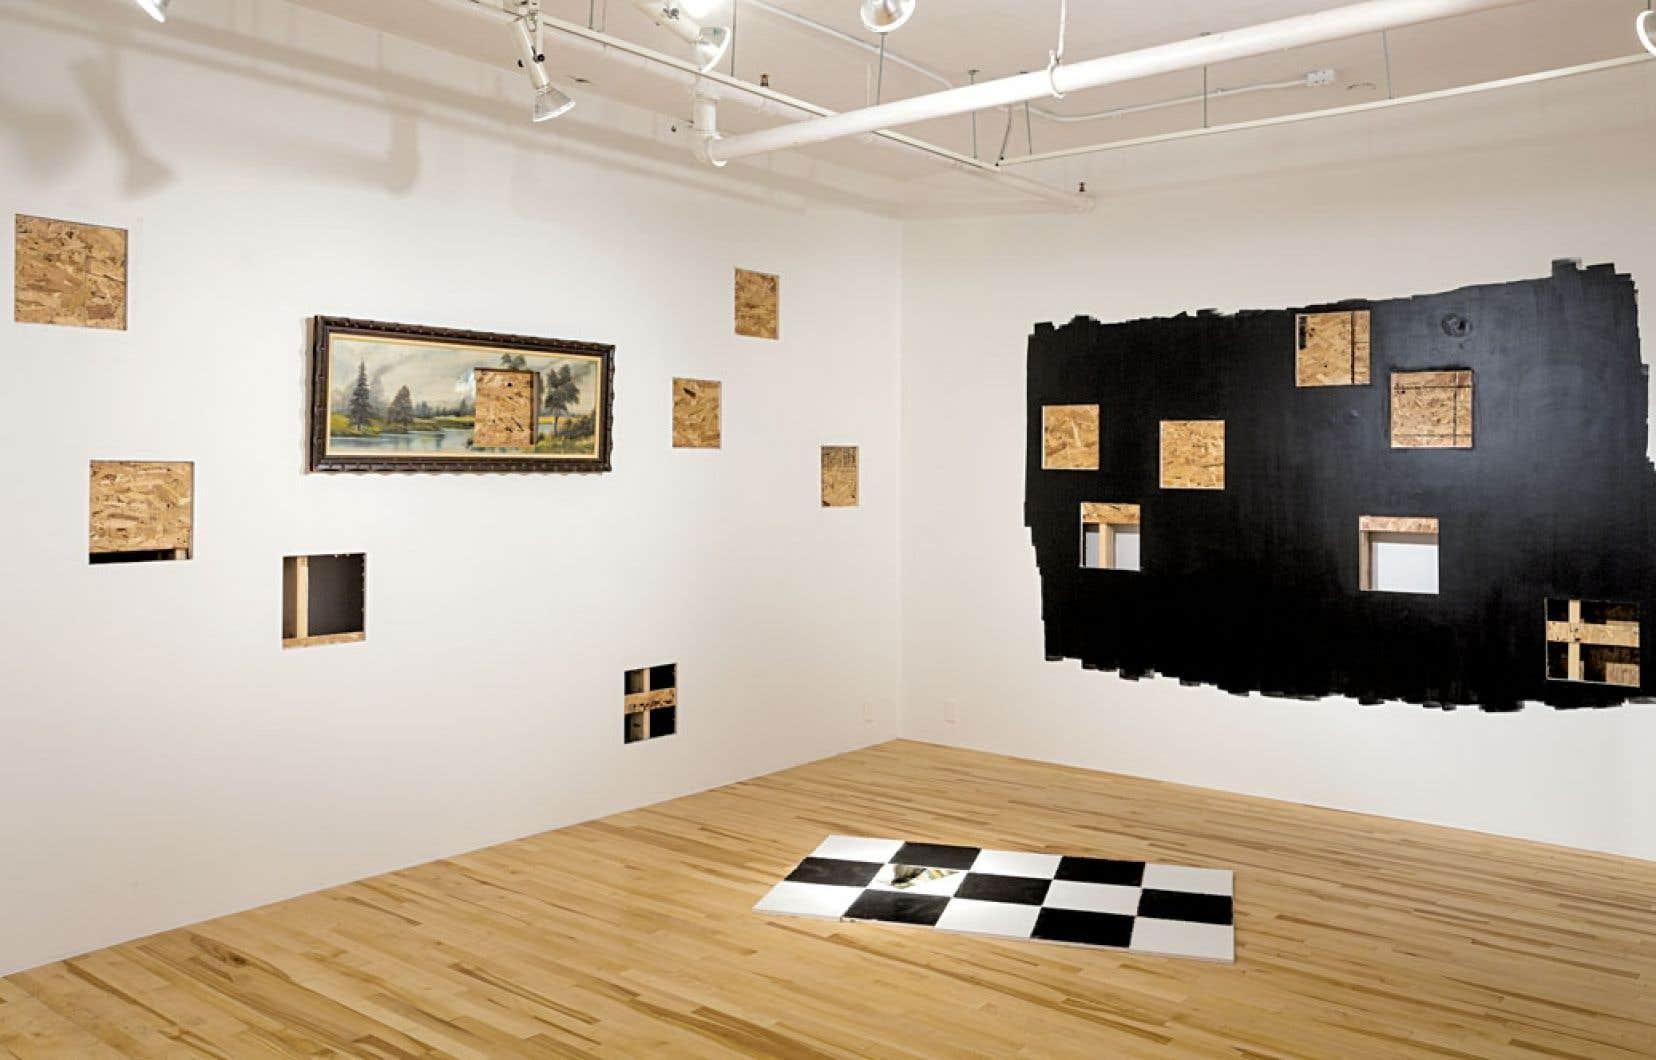 Avec l'installation Les entre-deux, Guillaume La Brie mêle contenu et contenant, se servant des murs de la galerie Trois Points comme matériau artistique.